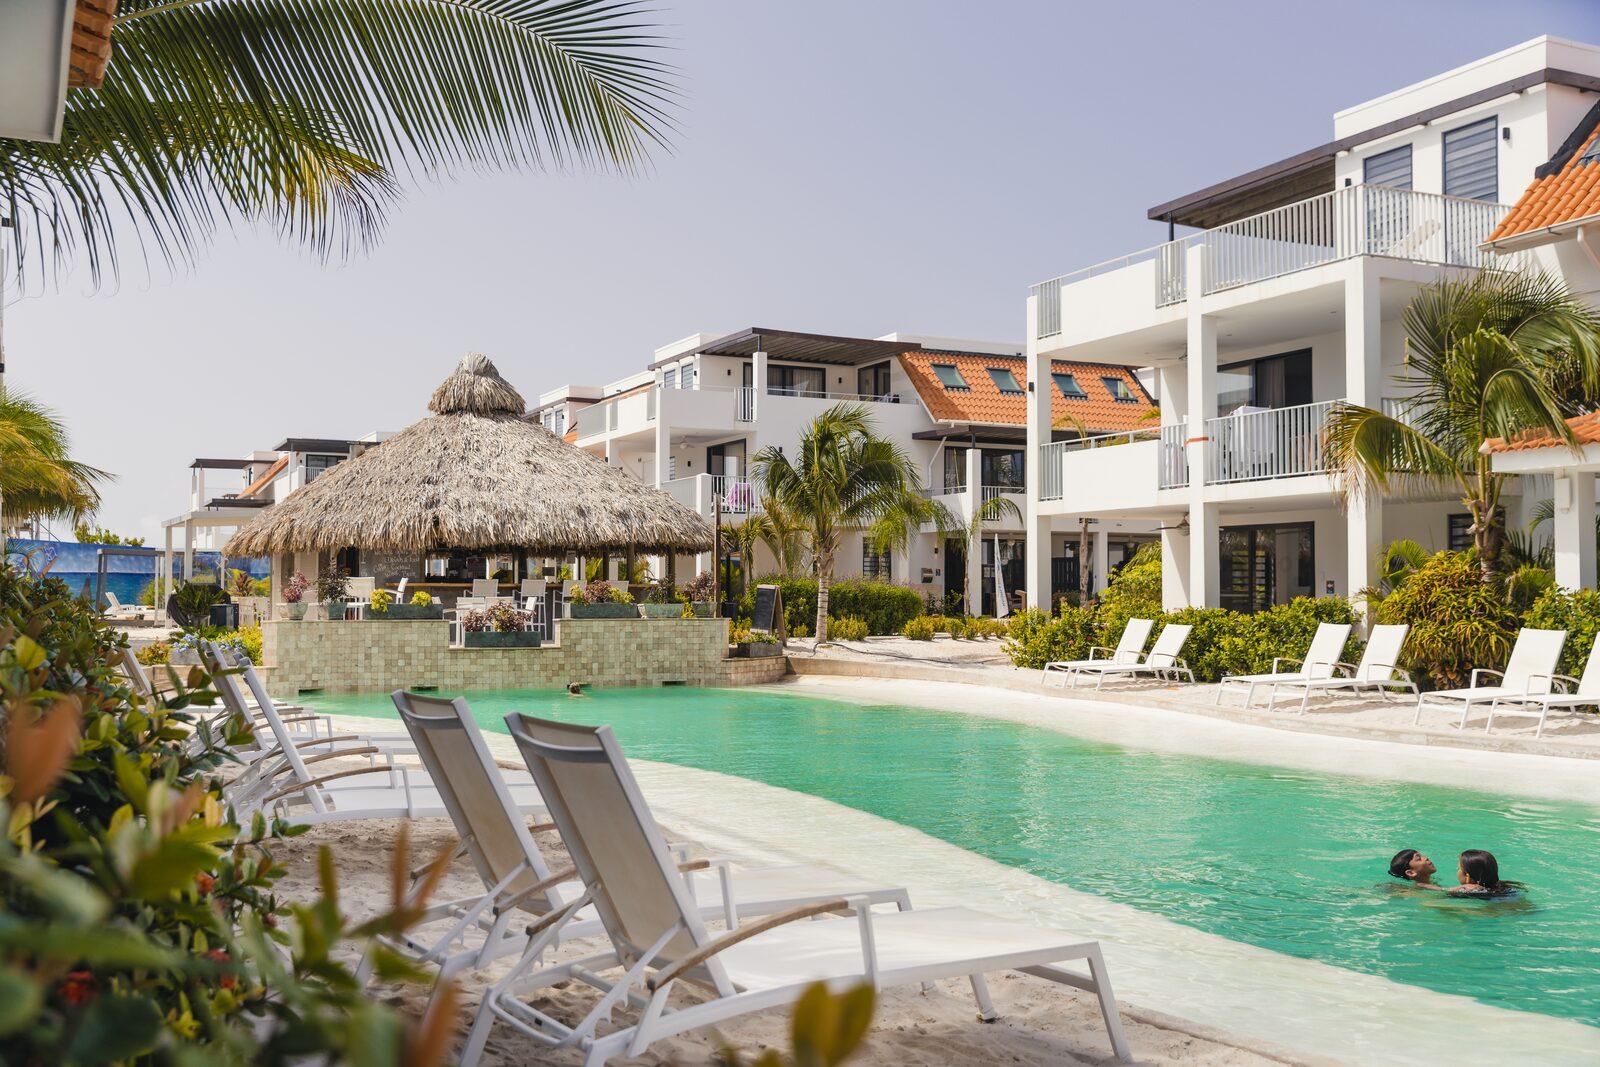 Toeristen weer welkom op Bonaire